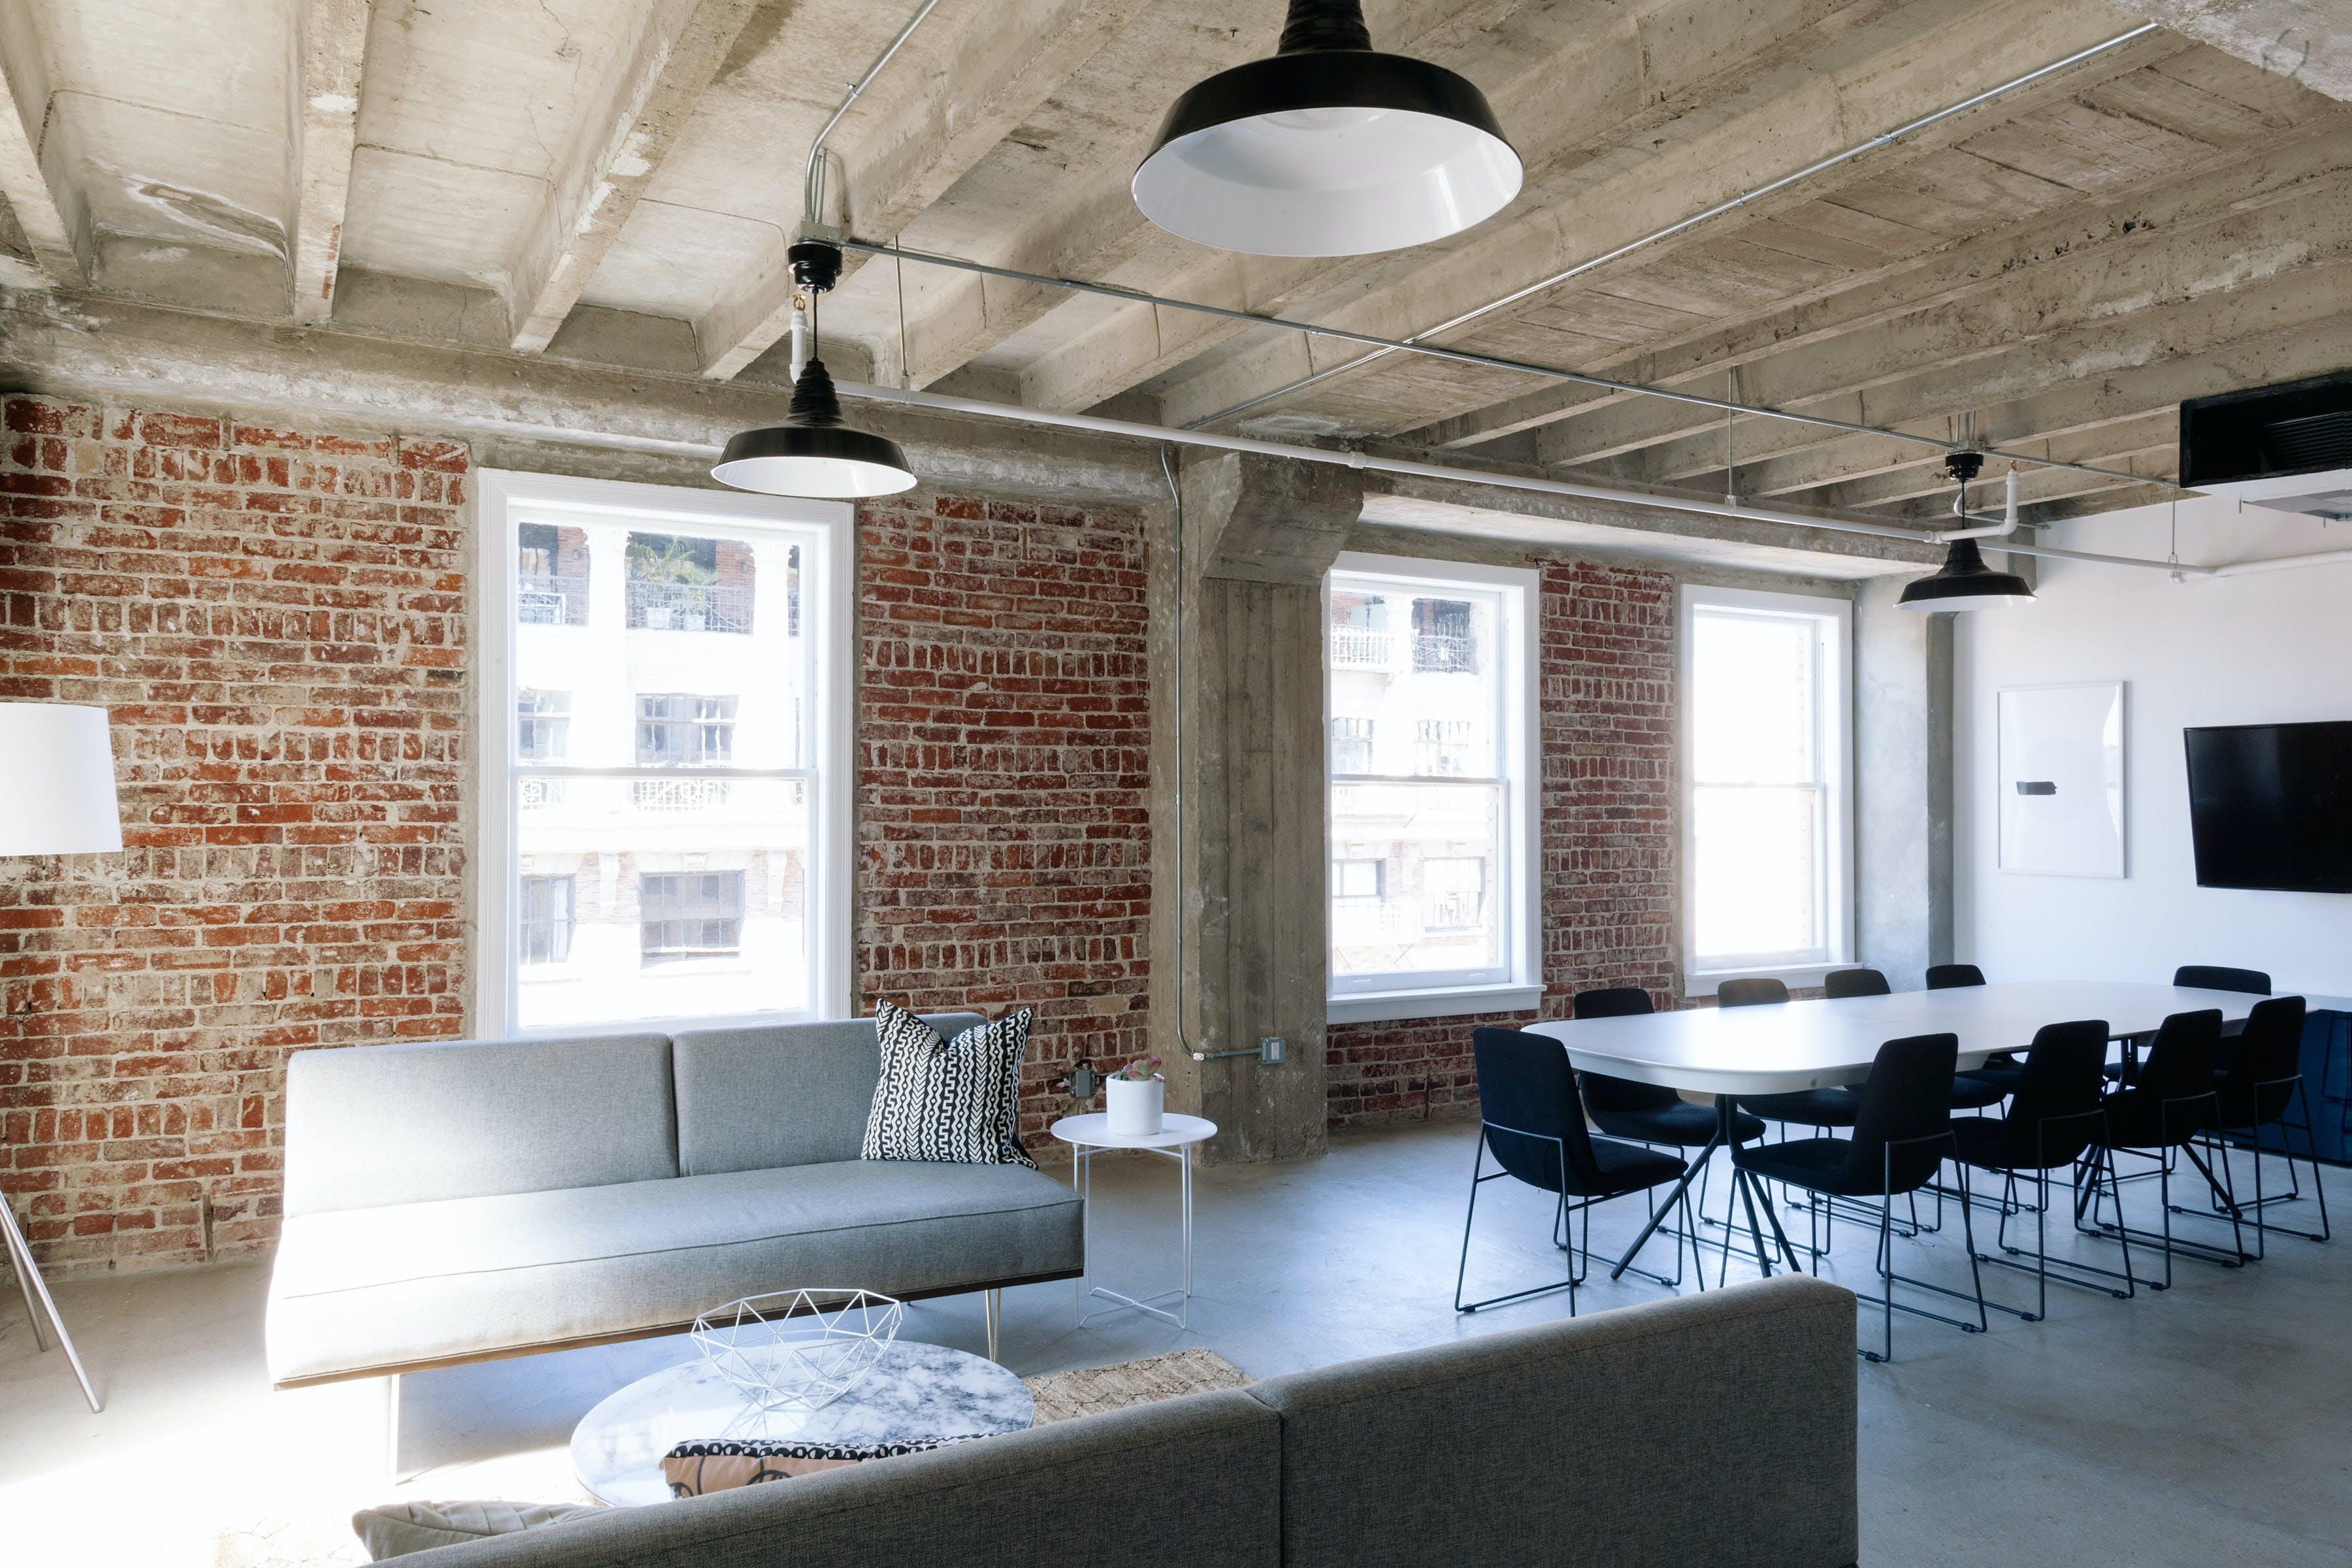 boardroom space at 1680 N. Vine